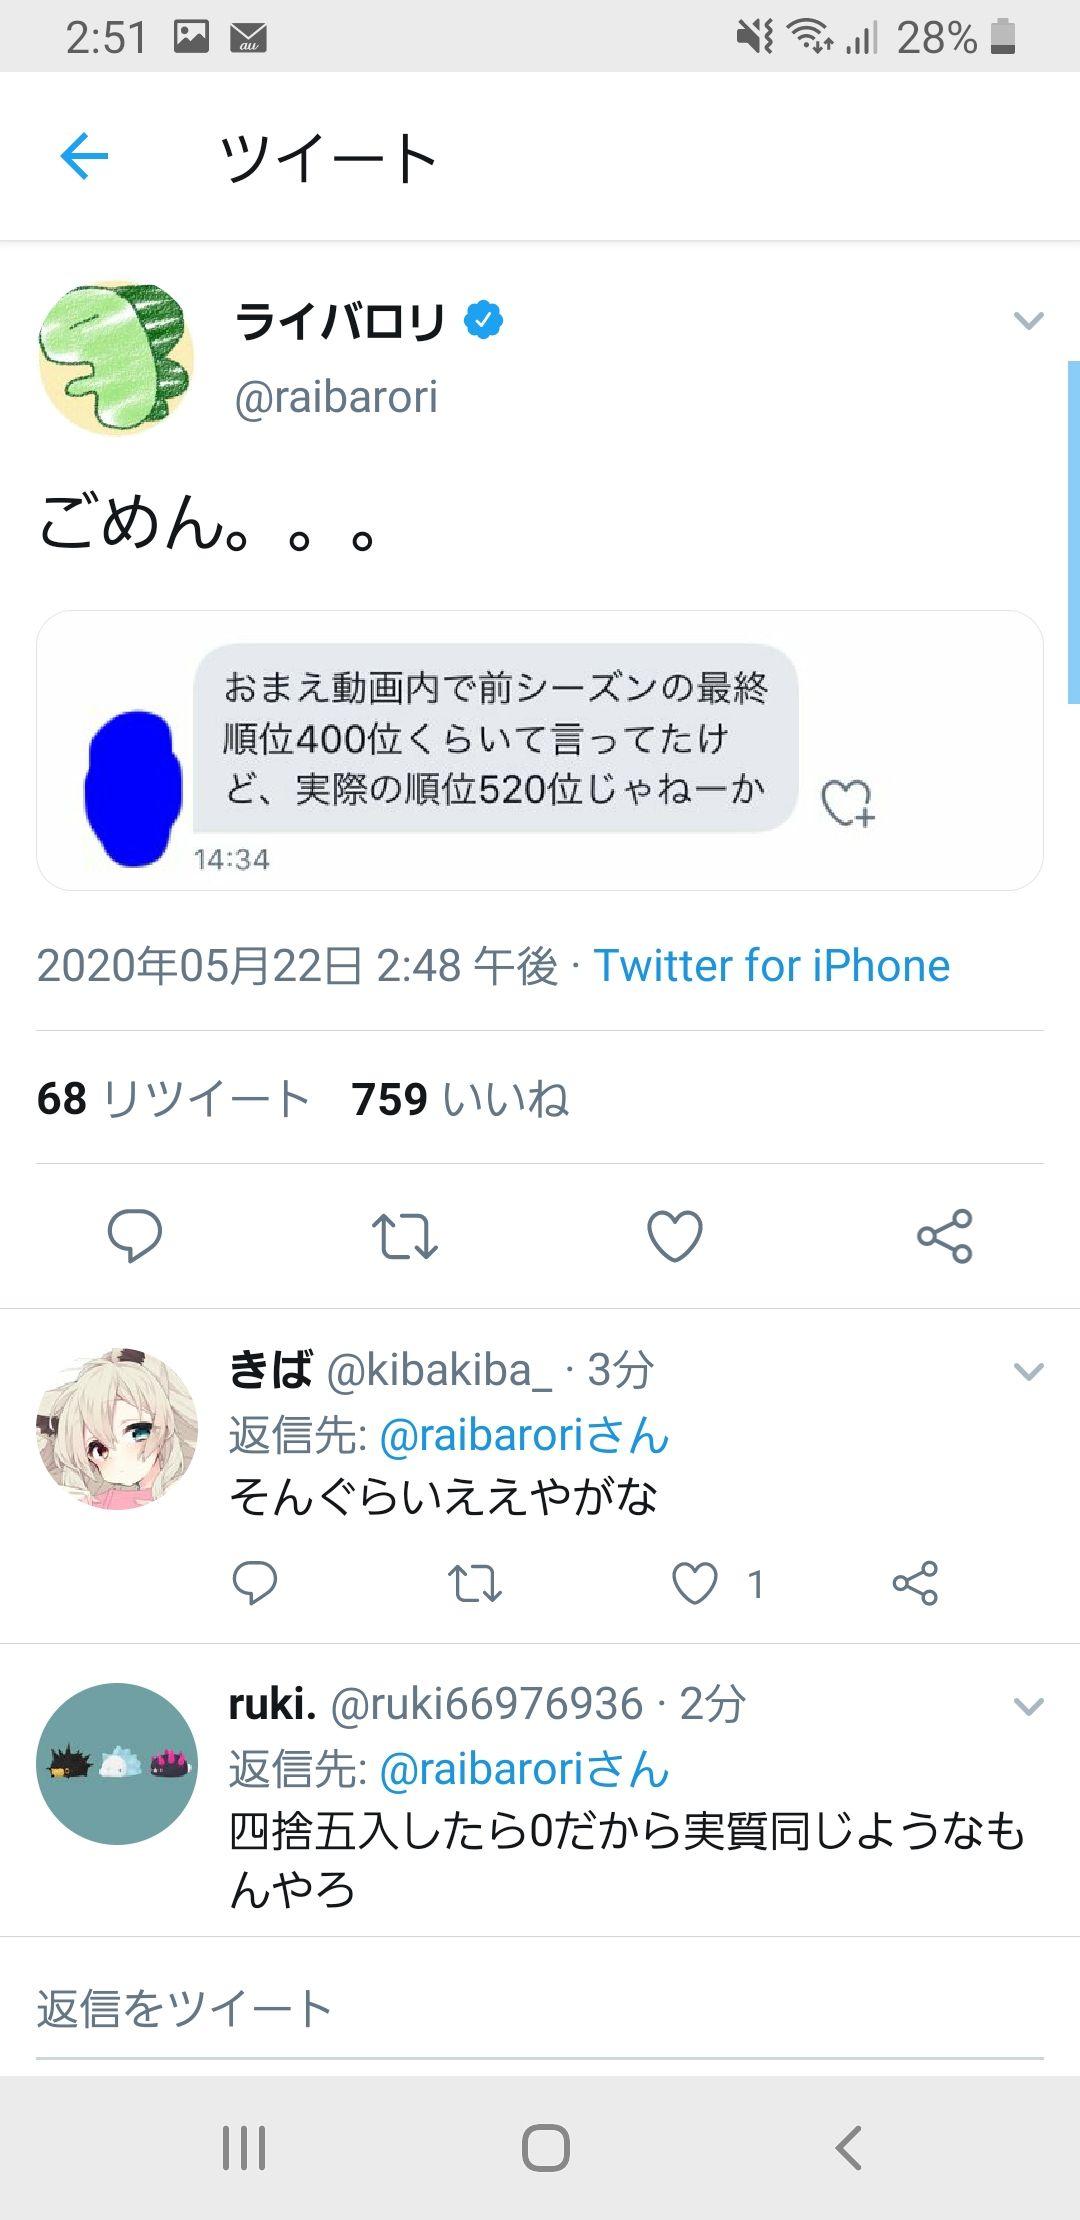 ポケモン実況者 炎上